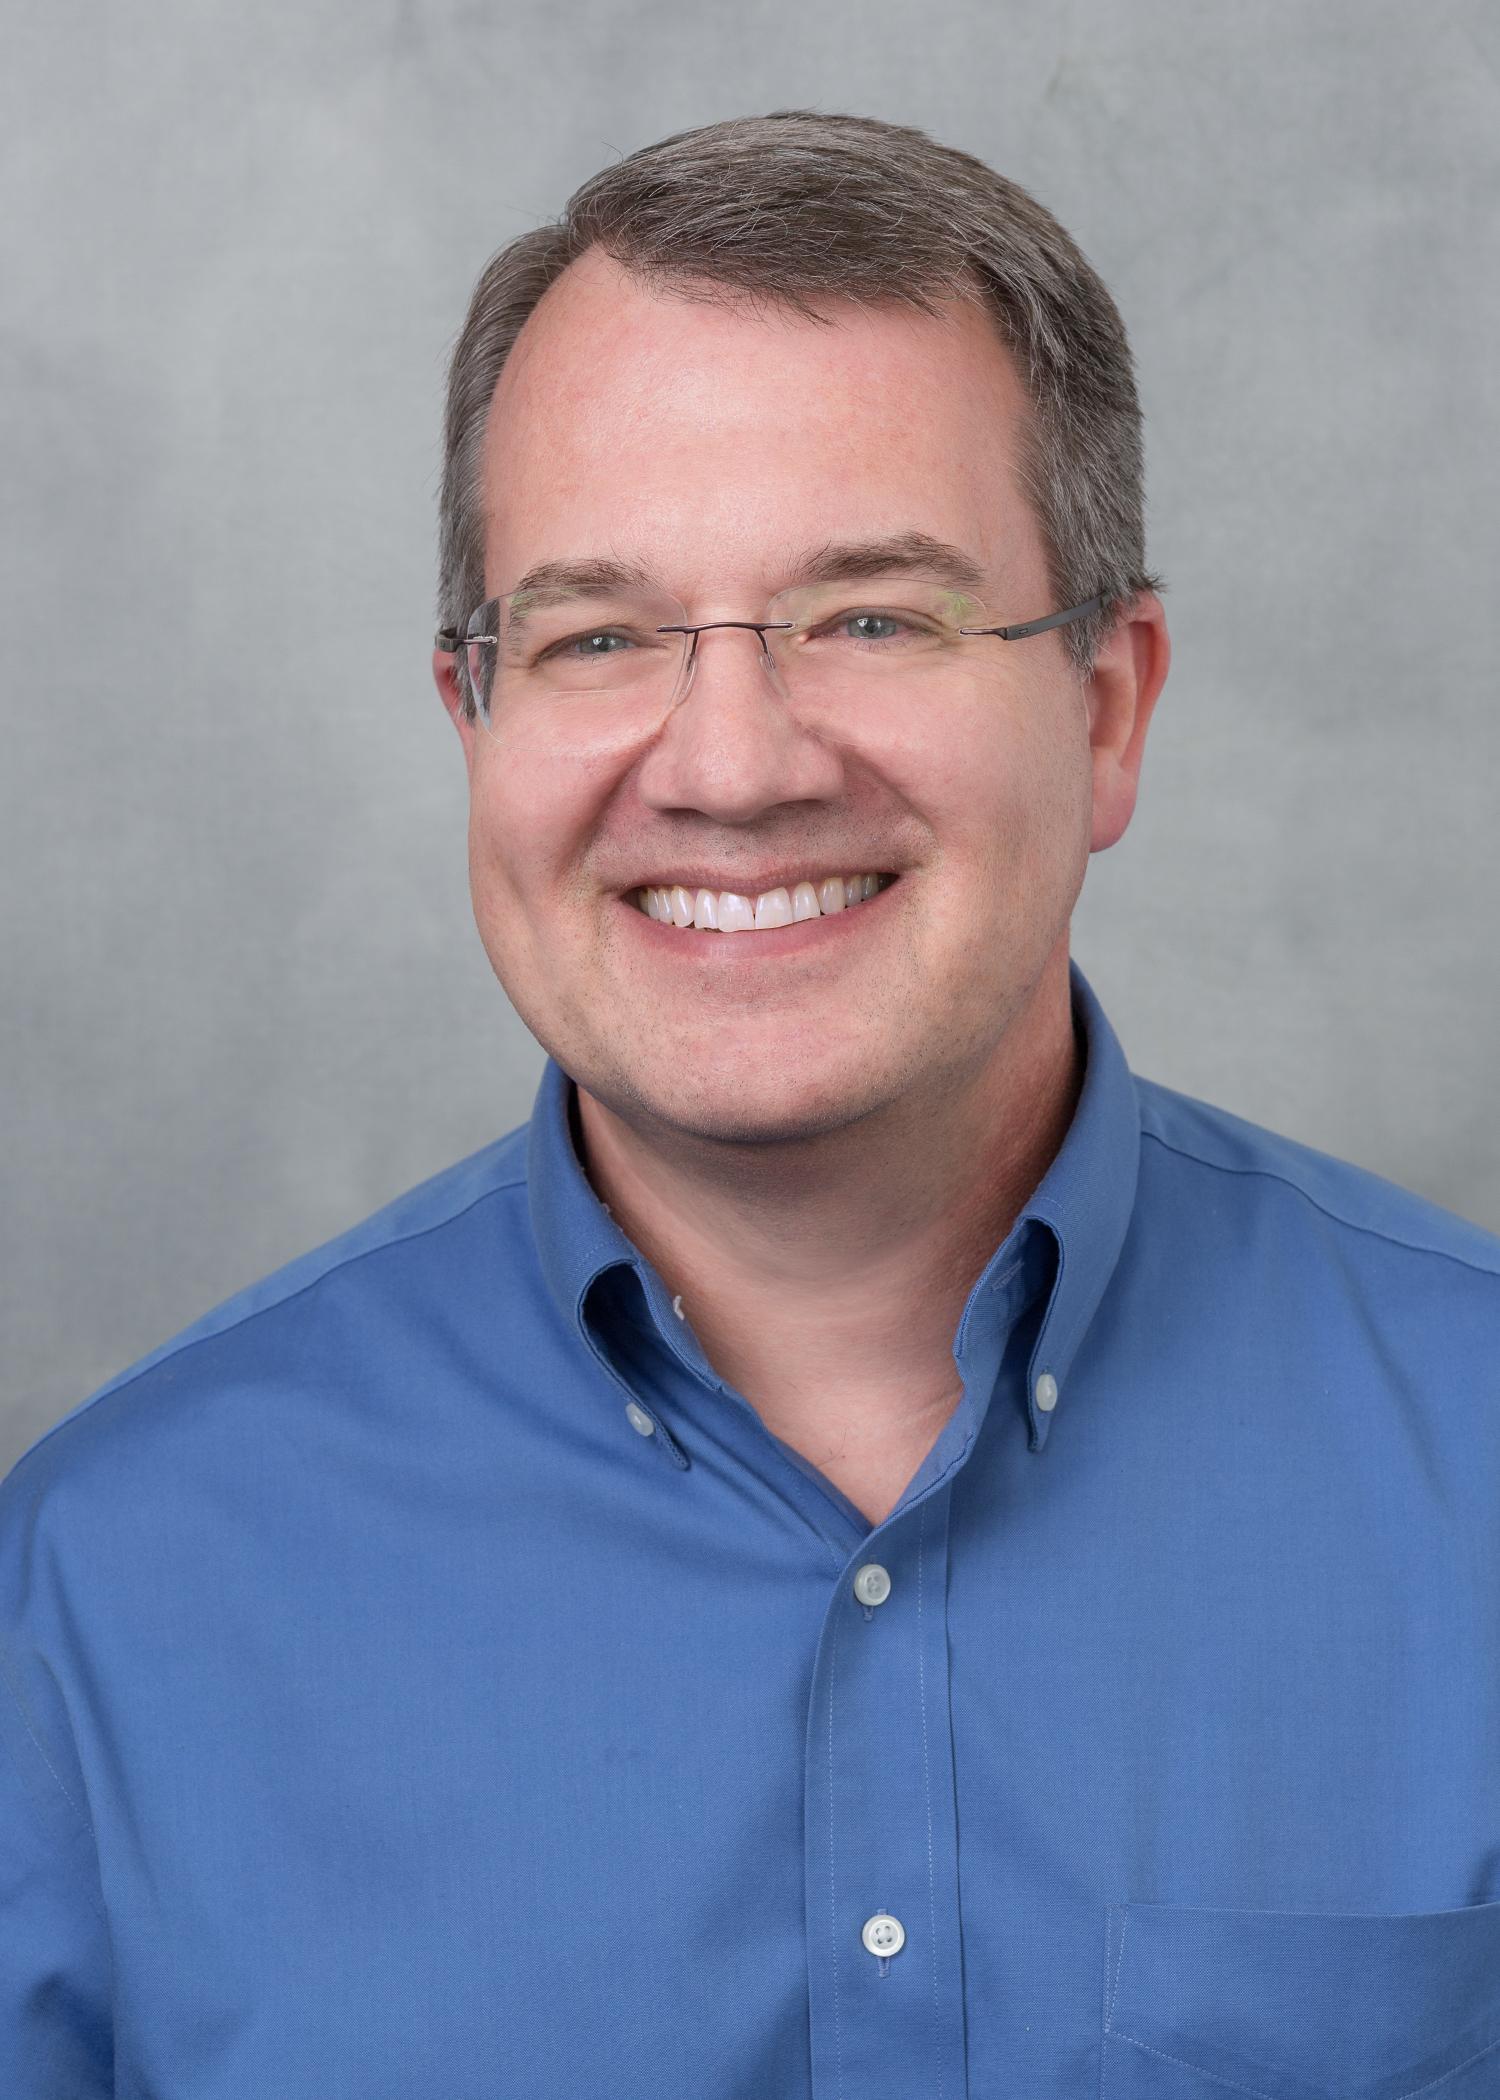 headshot of Kurt Vollert